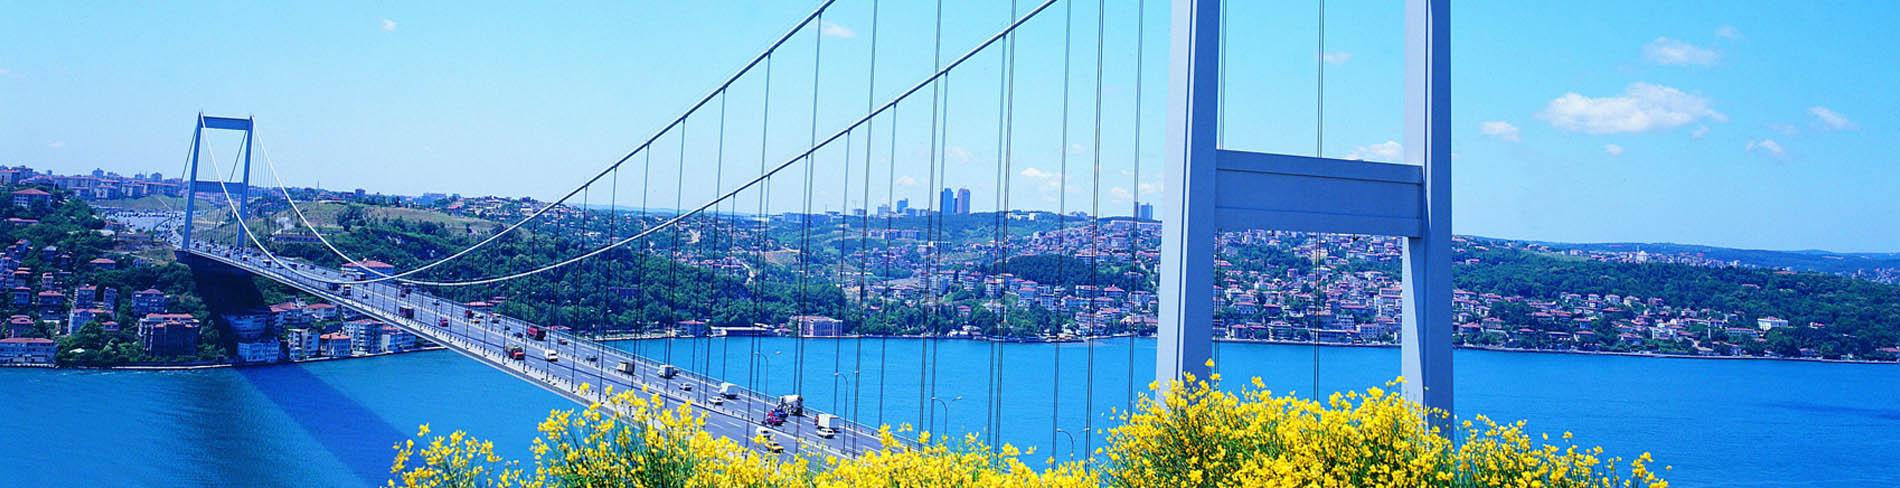 Reisen in die Türkei noch möglich?